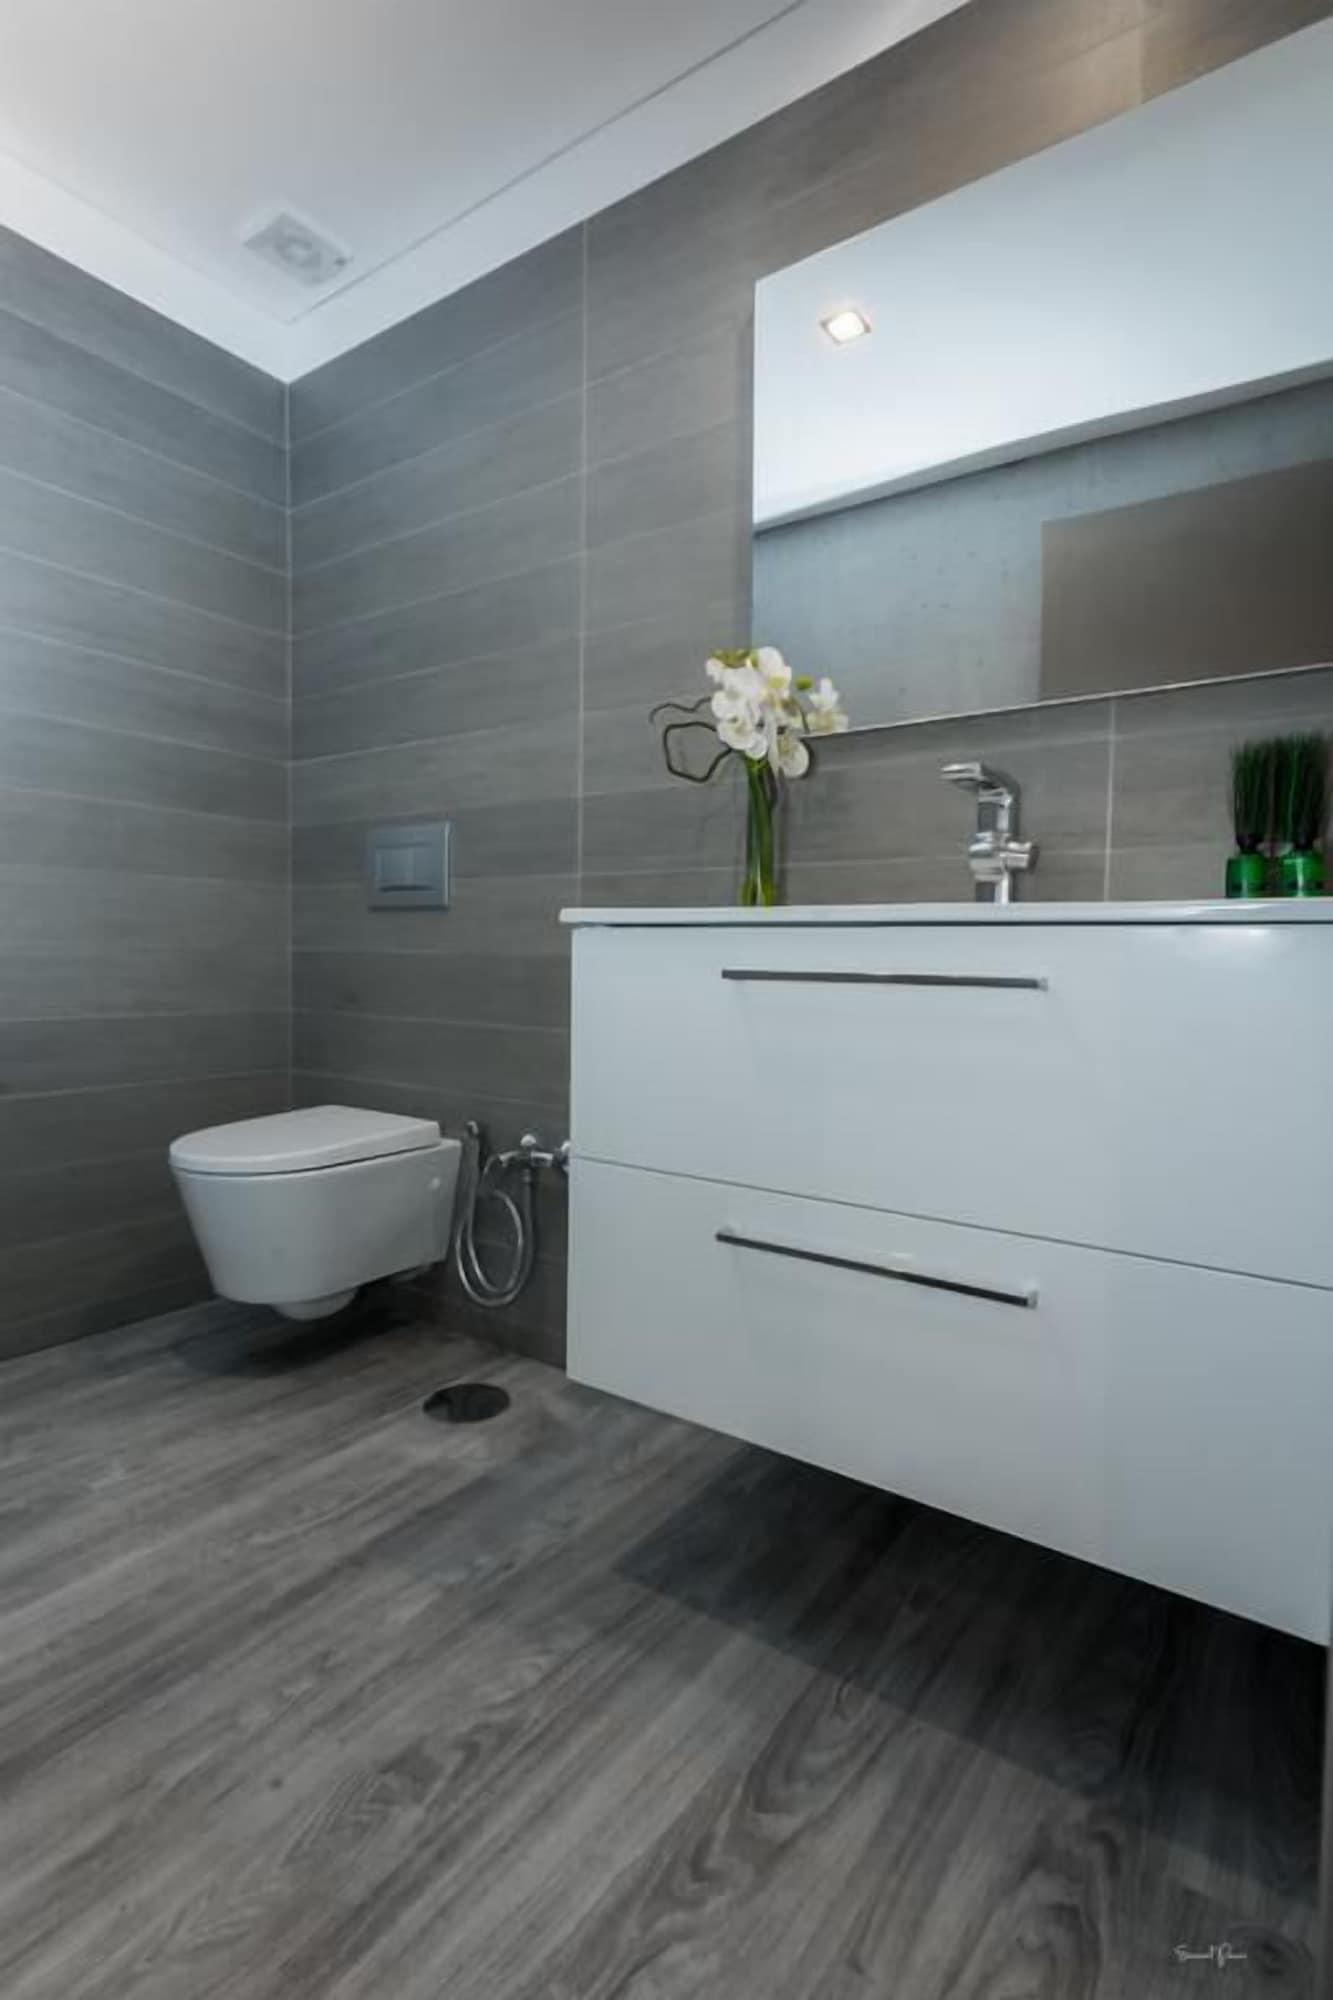 Innapartments - São Gonçalinho, Aveiro